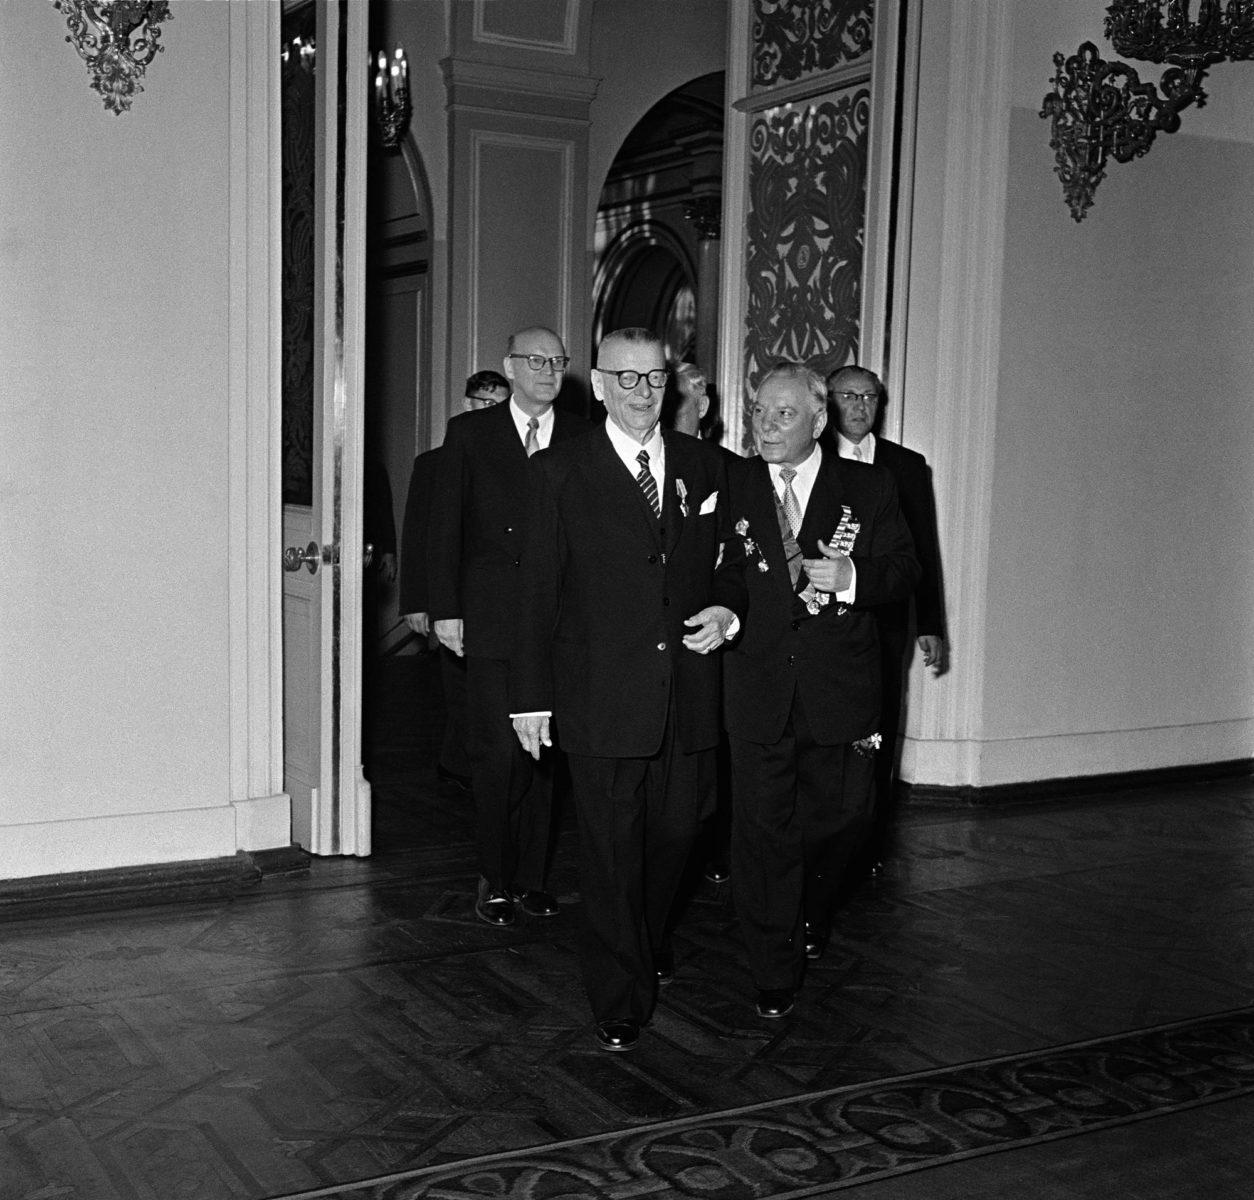 Presidentti Paasikivi vuonna 1955 Moskovassa Porkkalan luovutussopimuksen allekirjoitustilaisuudessa.